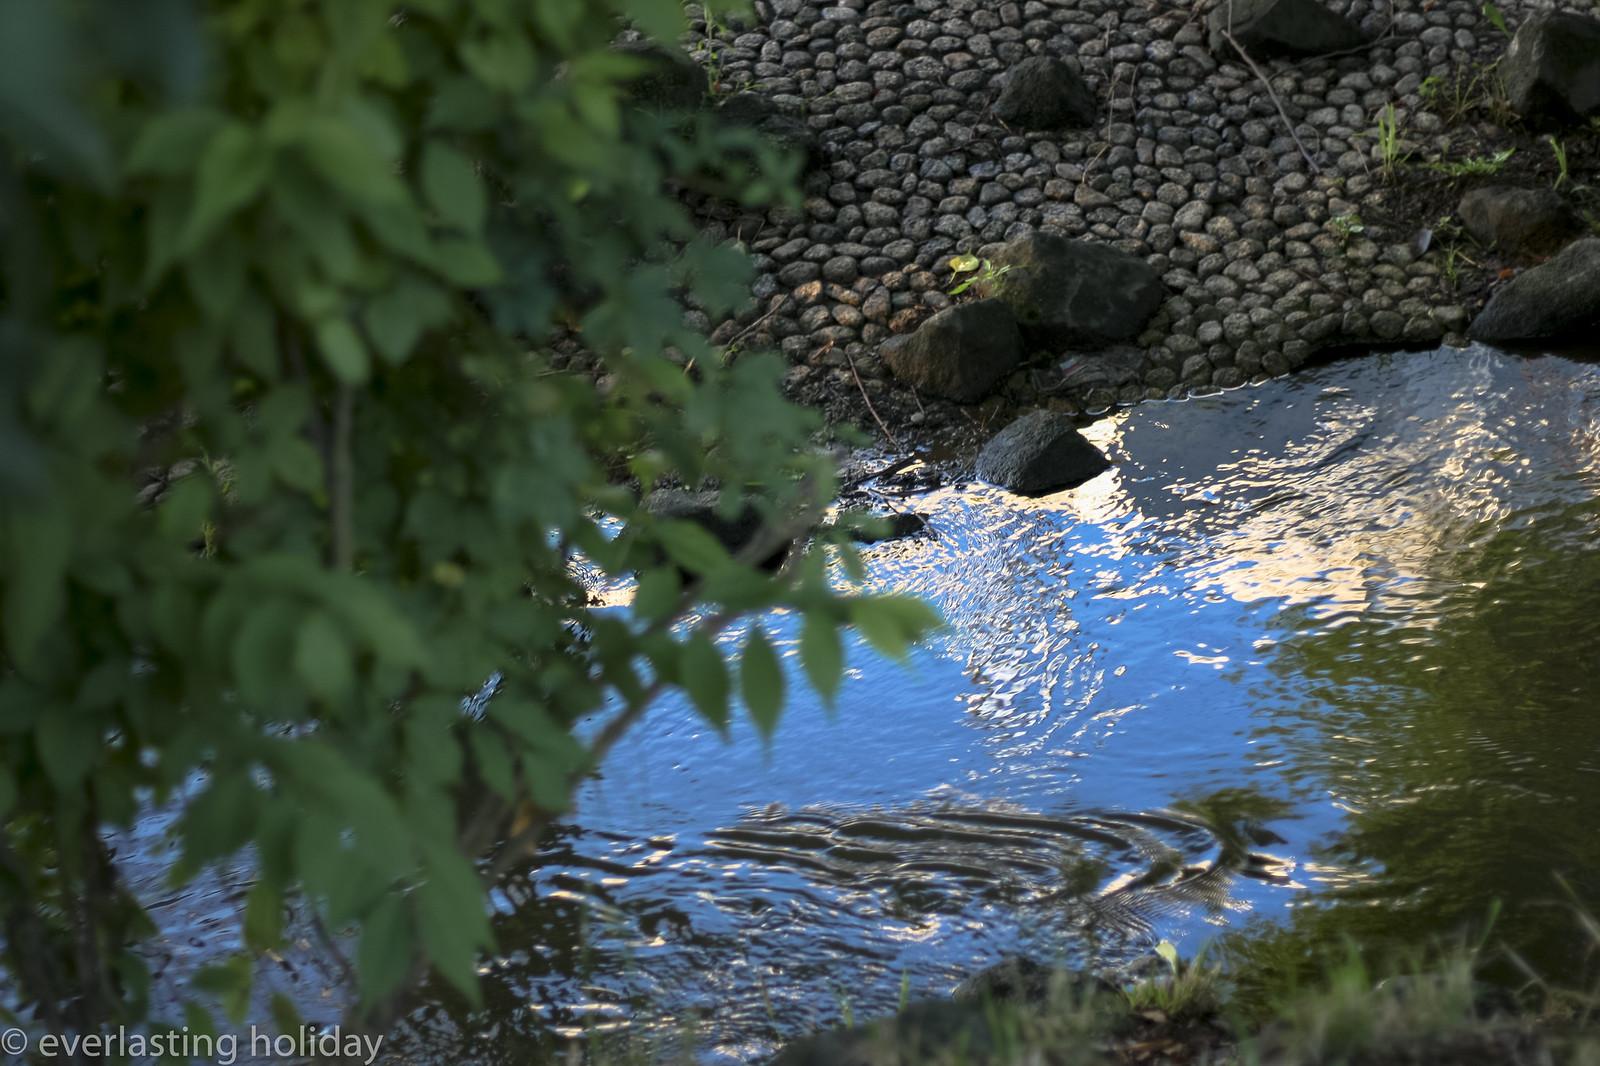 水面 - み・な・も surface of water